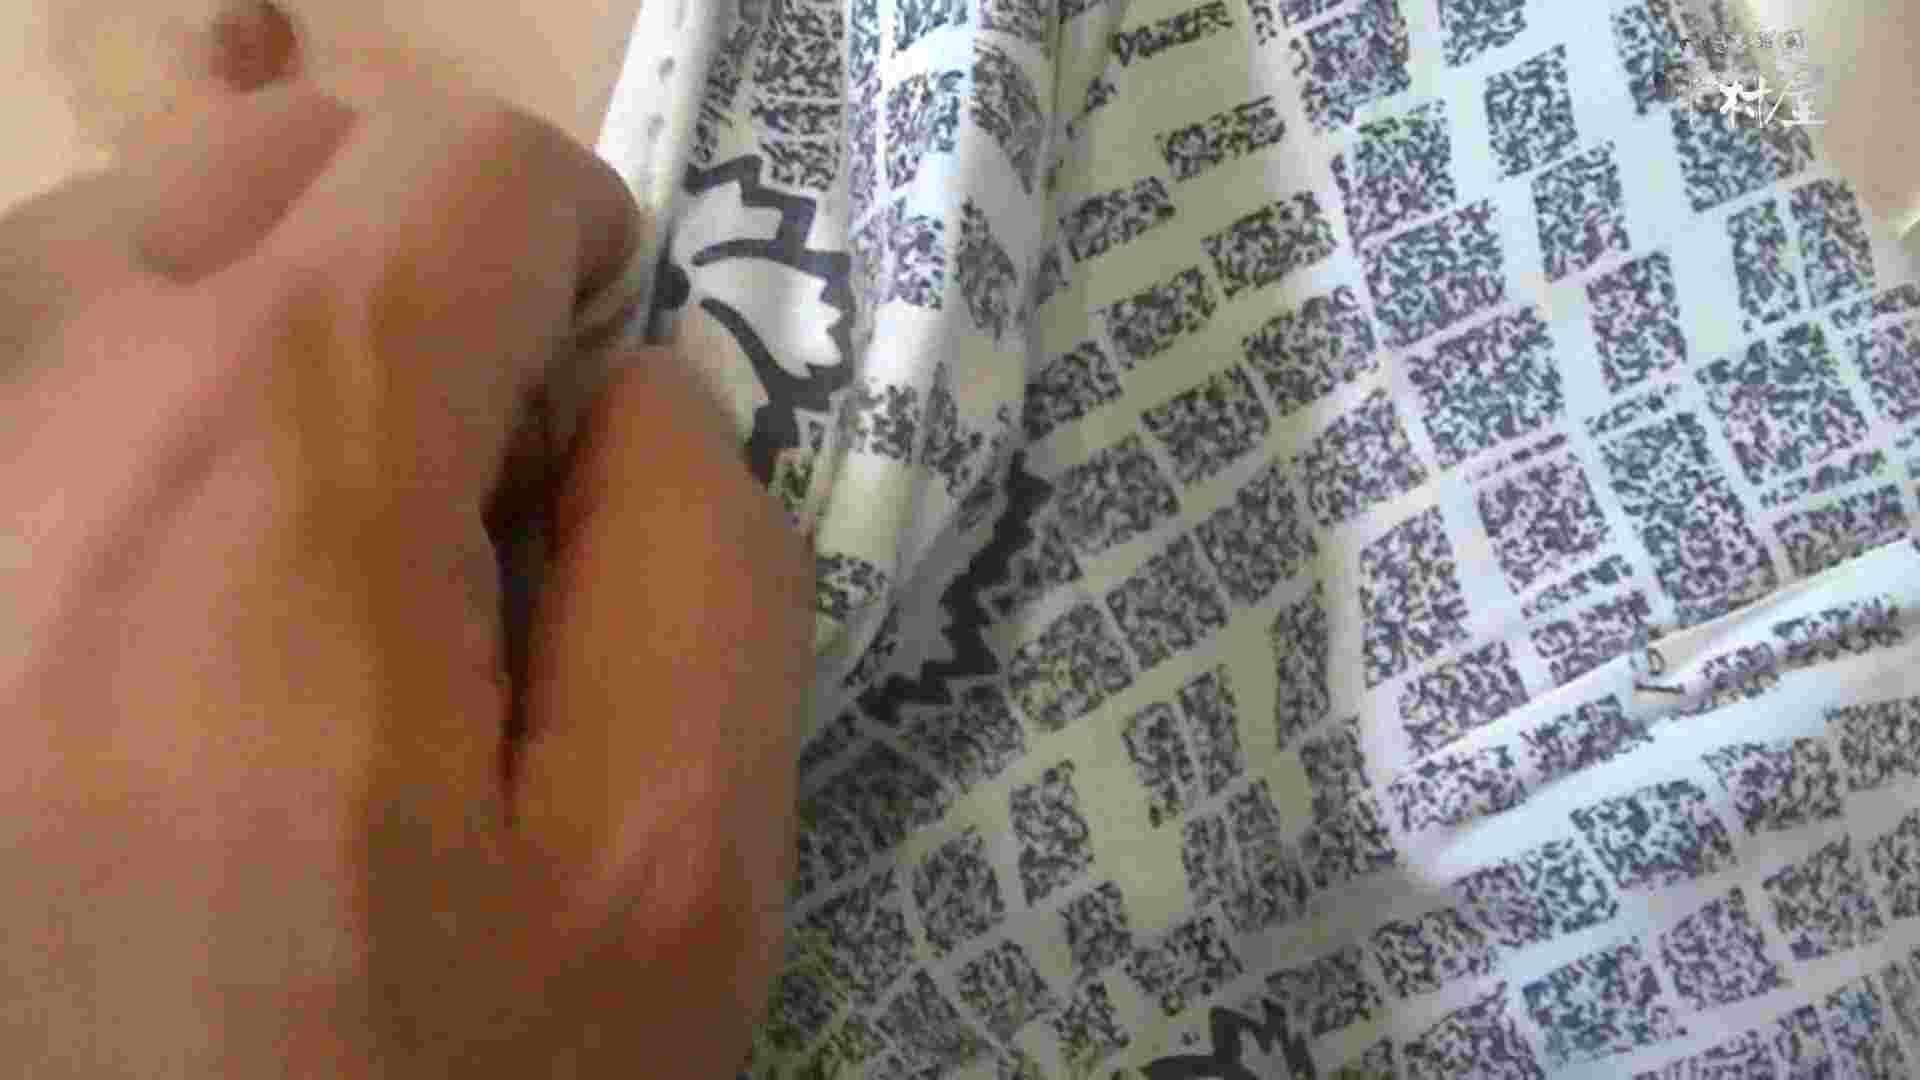 ネムリ姫 vol.53 前編 熟女のエロ動画 | マンコエロすぎ  106PIX 56